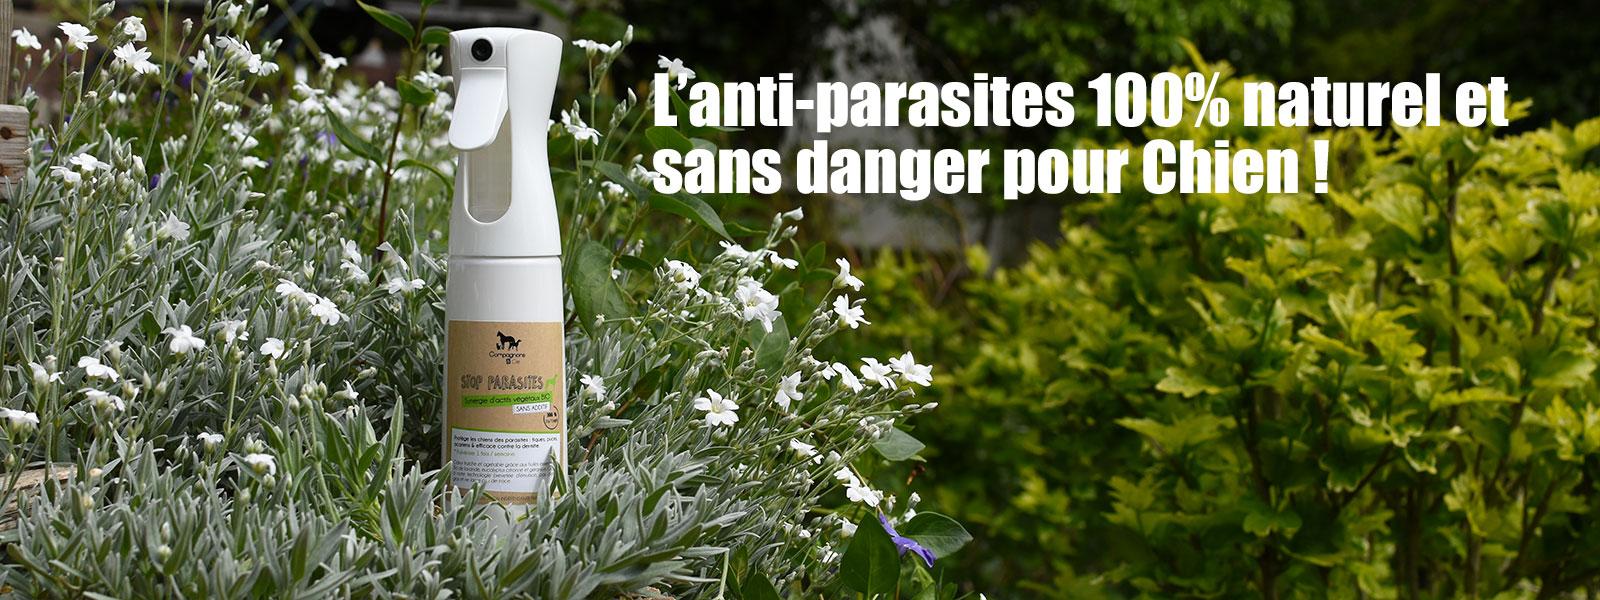 brumisateur antiparasites naturel et sans danger pour chien